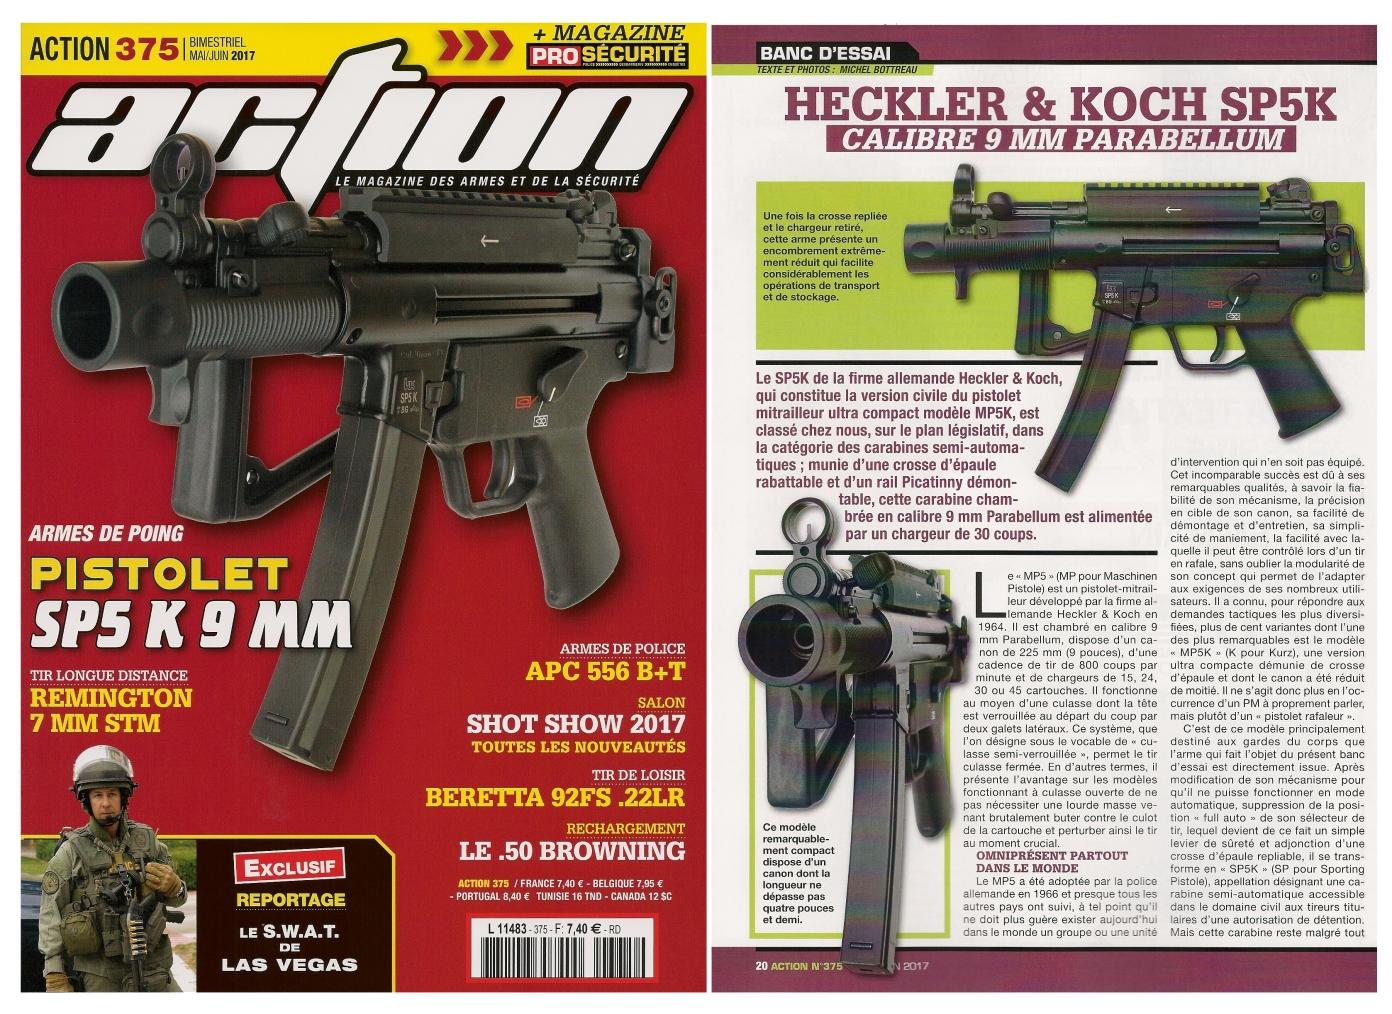 Le banc d'essai du HK SP5 K a été publié sur 6 pages dans le magazine Action n°375 (mai/juin 2017).